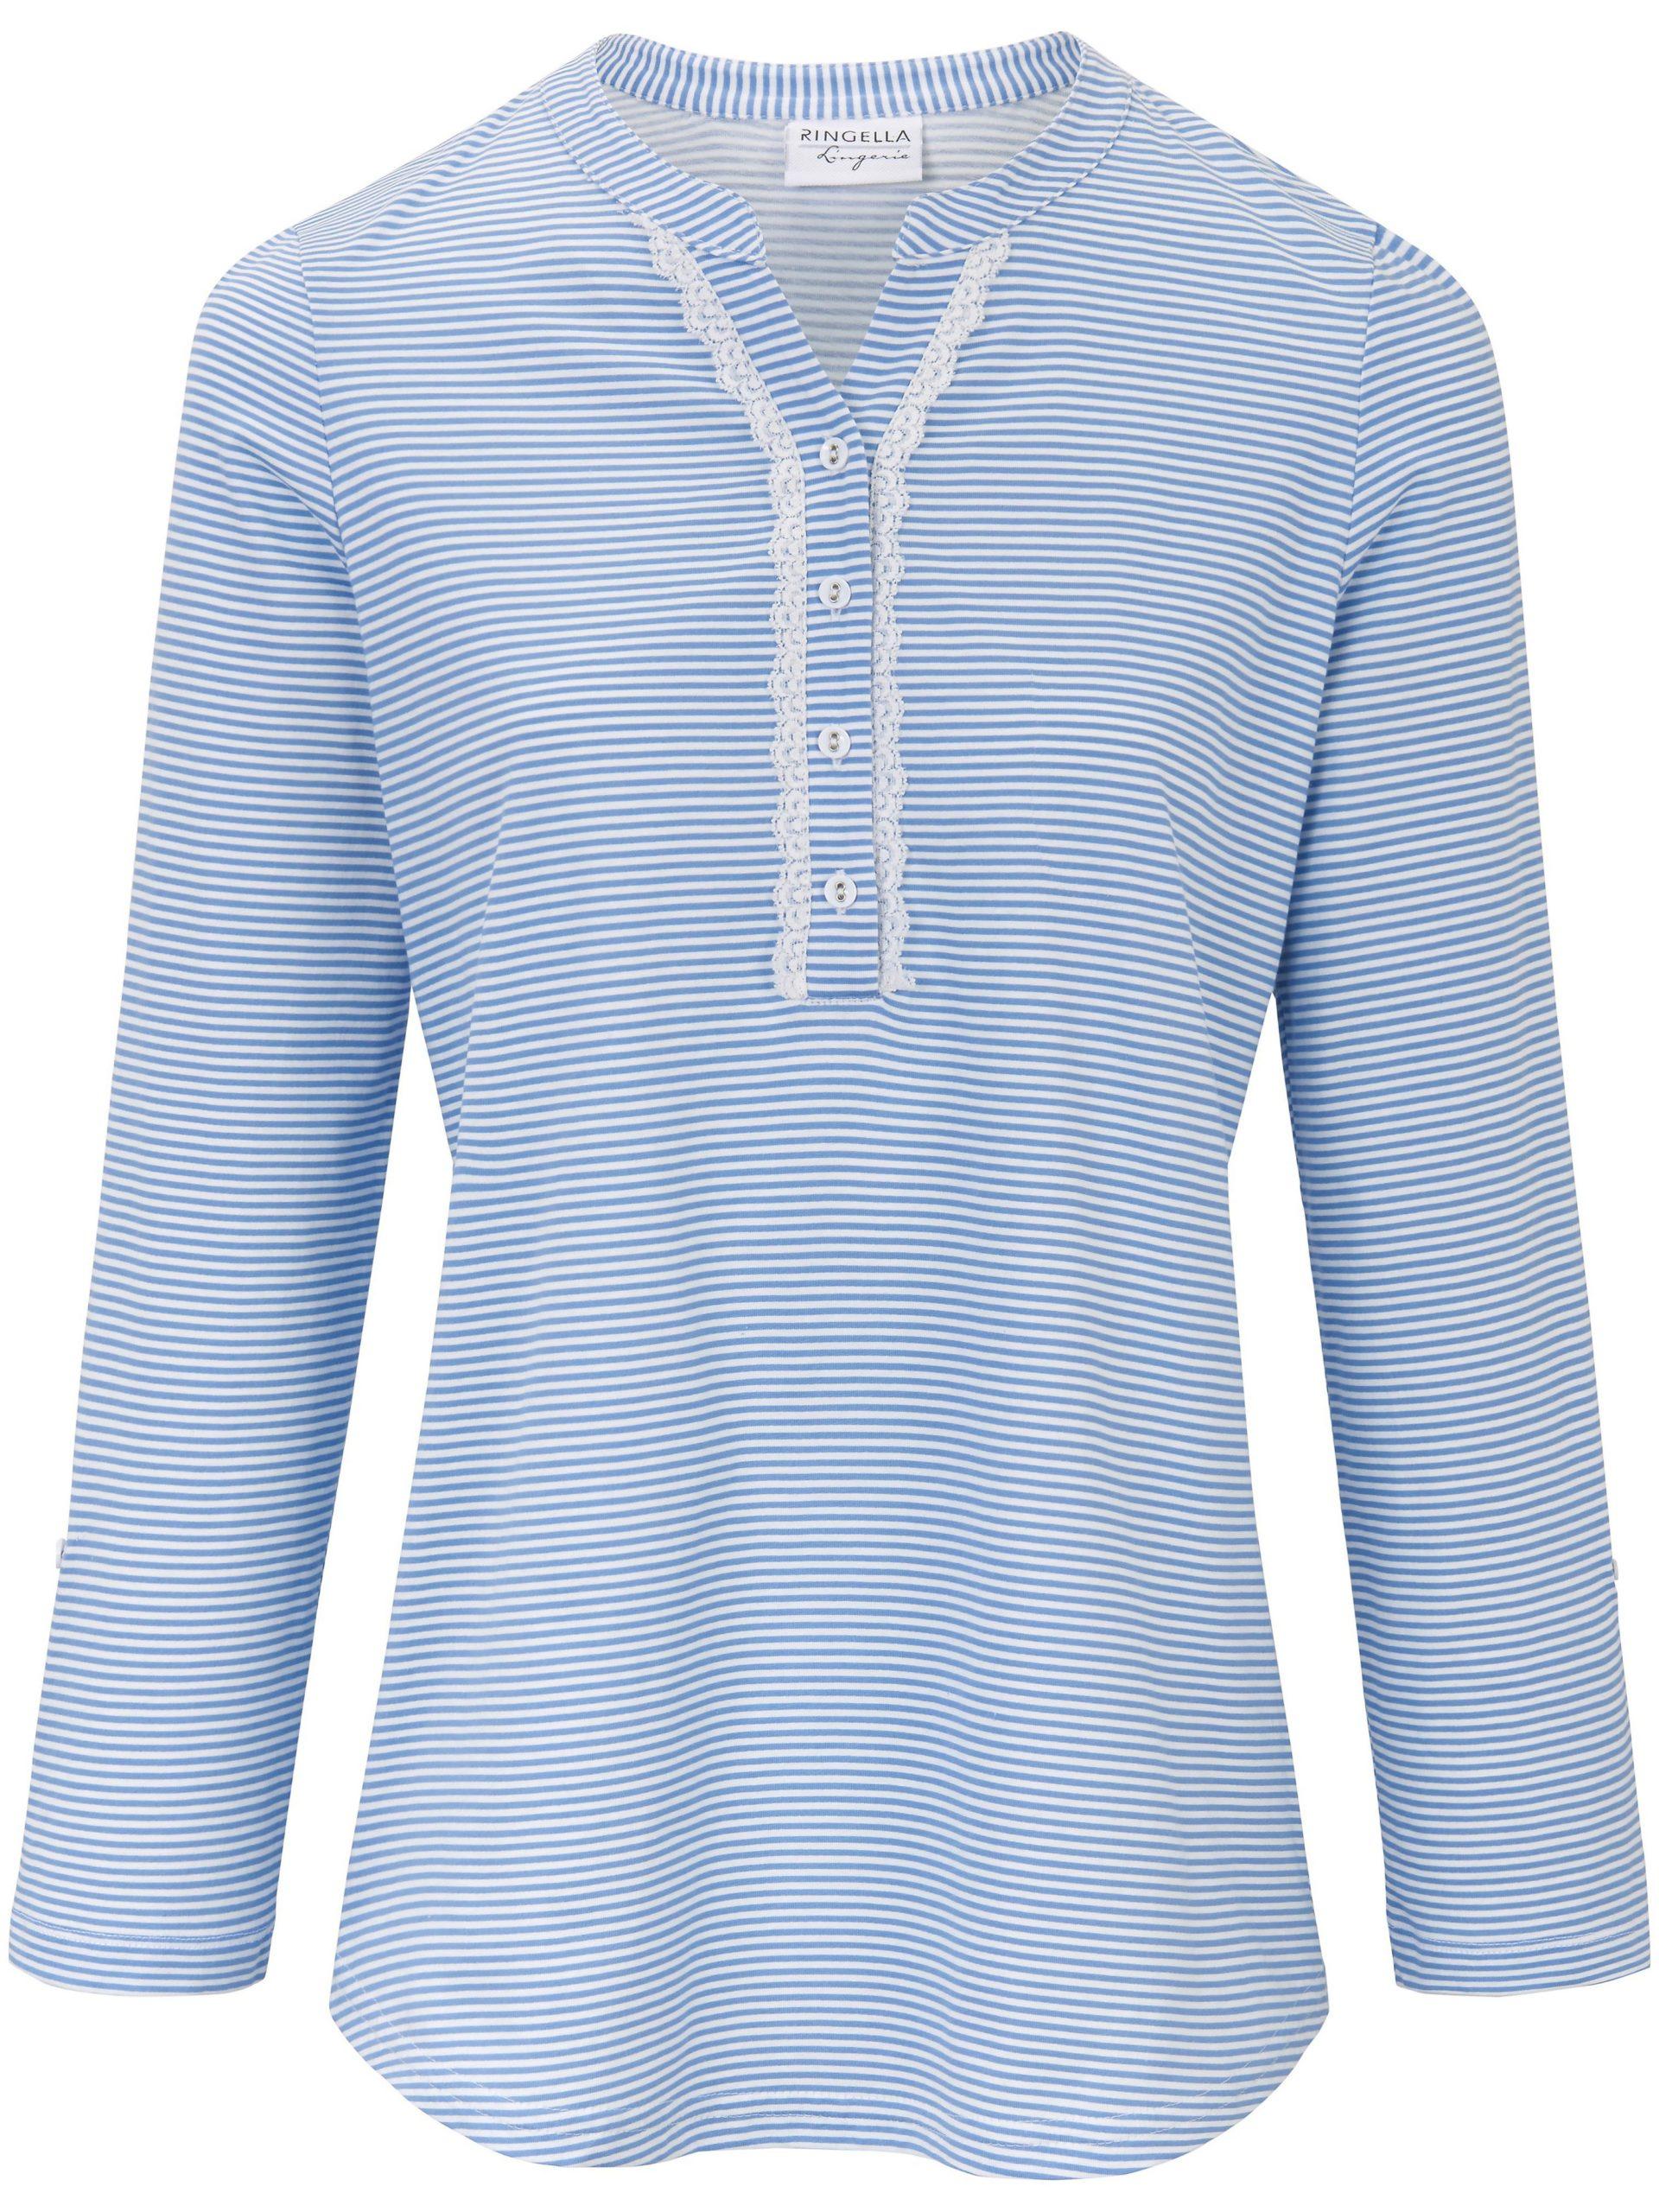 Pyjama van 100% katoen met lange mouwen Van Ringella multicolour Kopen